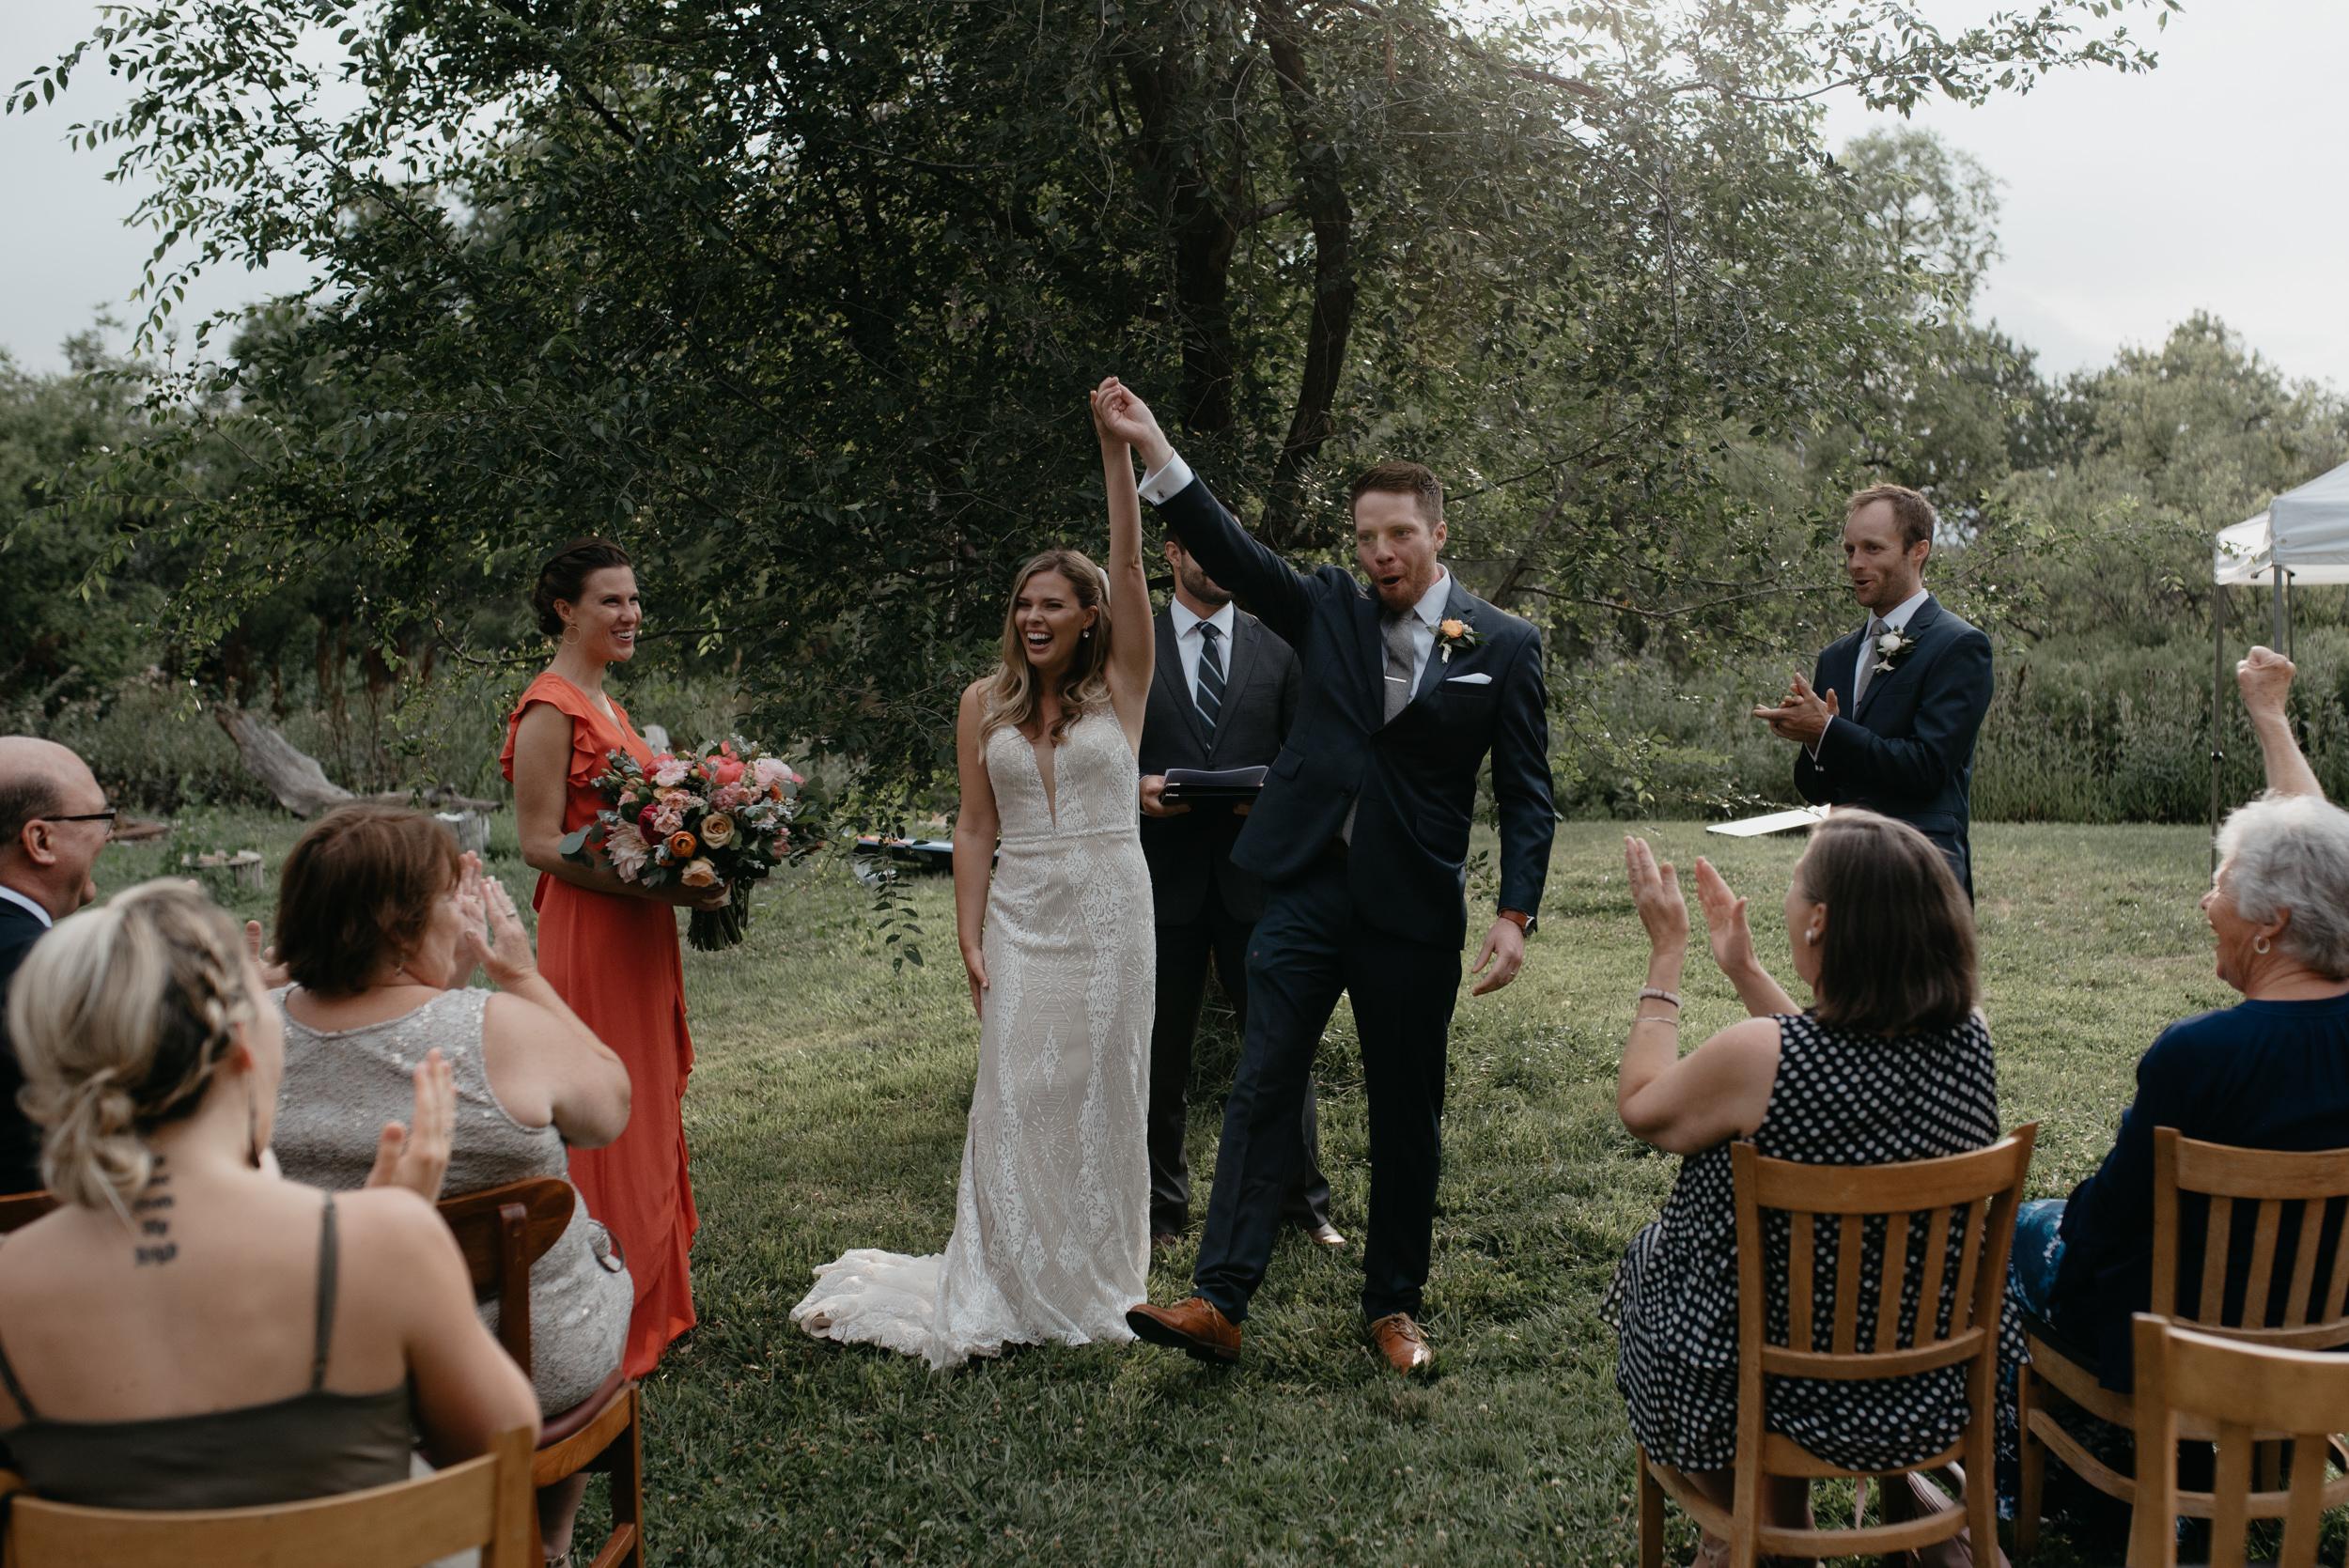 Intimate wedding venue in Colorado, Three Leaf Farm. Boulder, Colorado adventure wedding and elopement photographer.